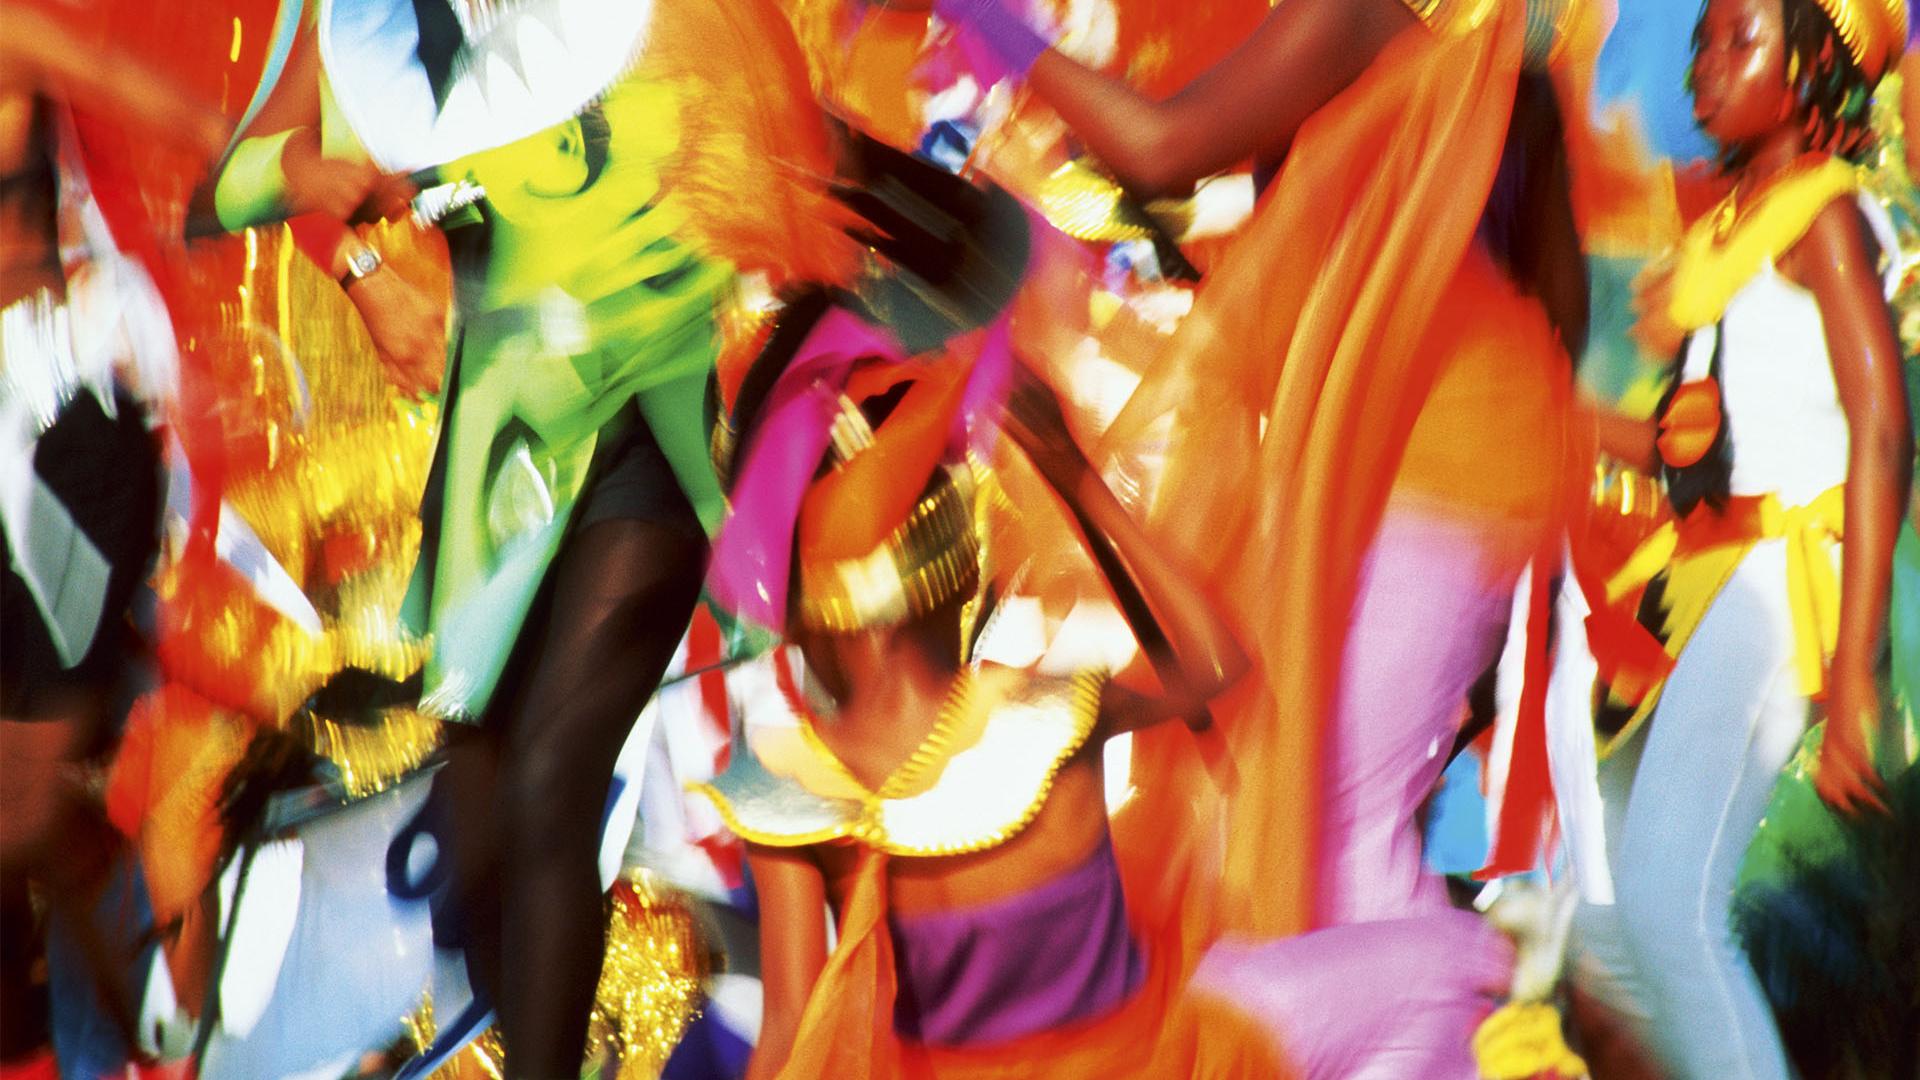 Trinidad carnival art